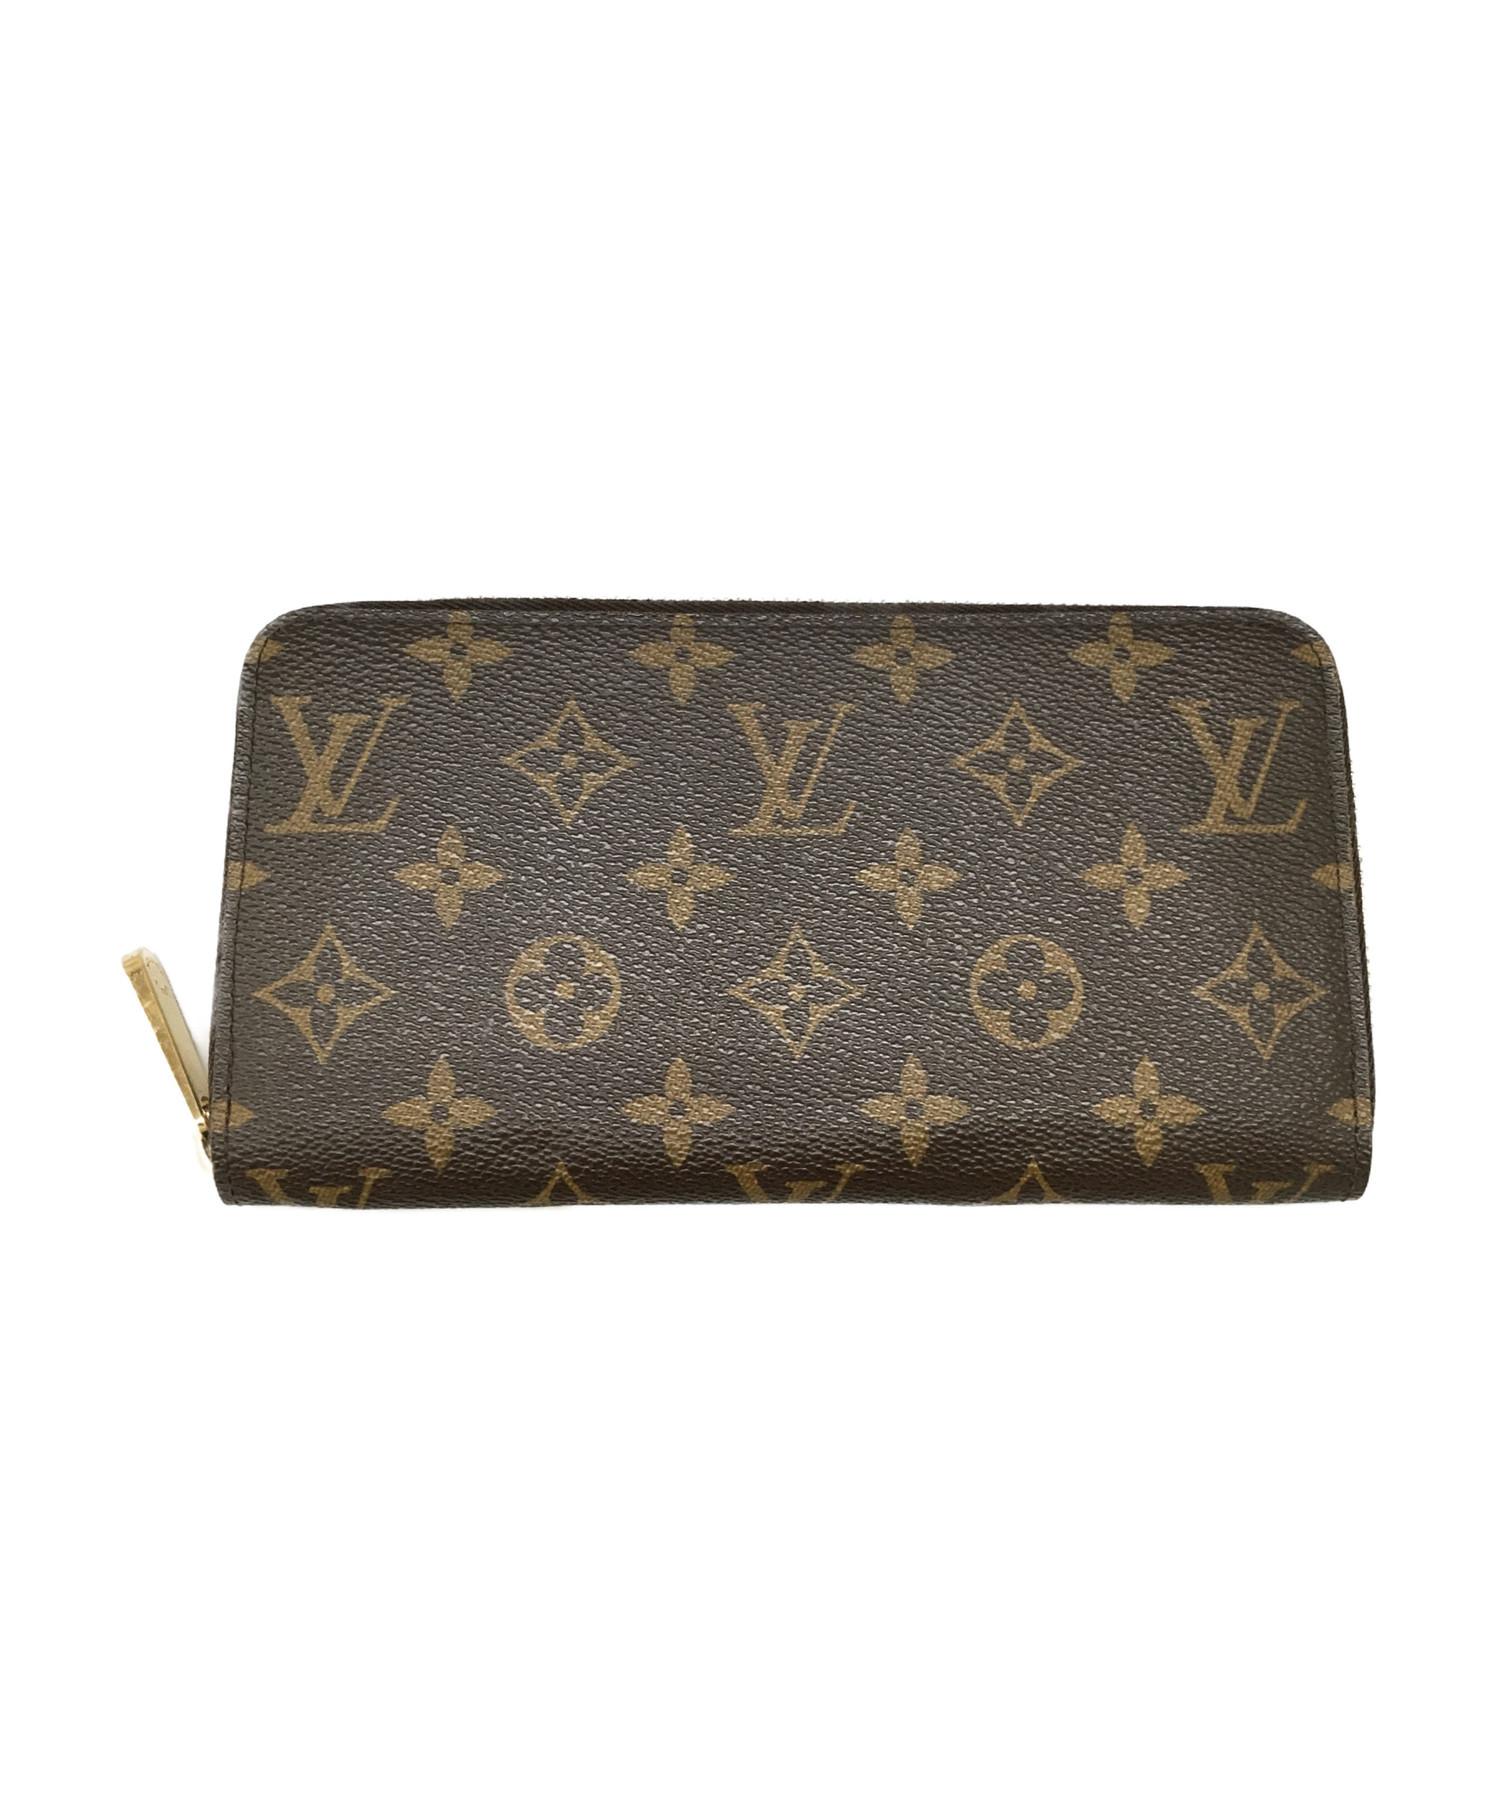 purchase cheap 22282 559ff [中古]LOUIS VUITTON(ルイ・ヴィトン)のレディース 服飾小物 ジッピー・ウォレット